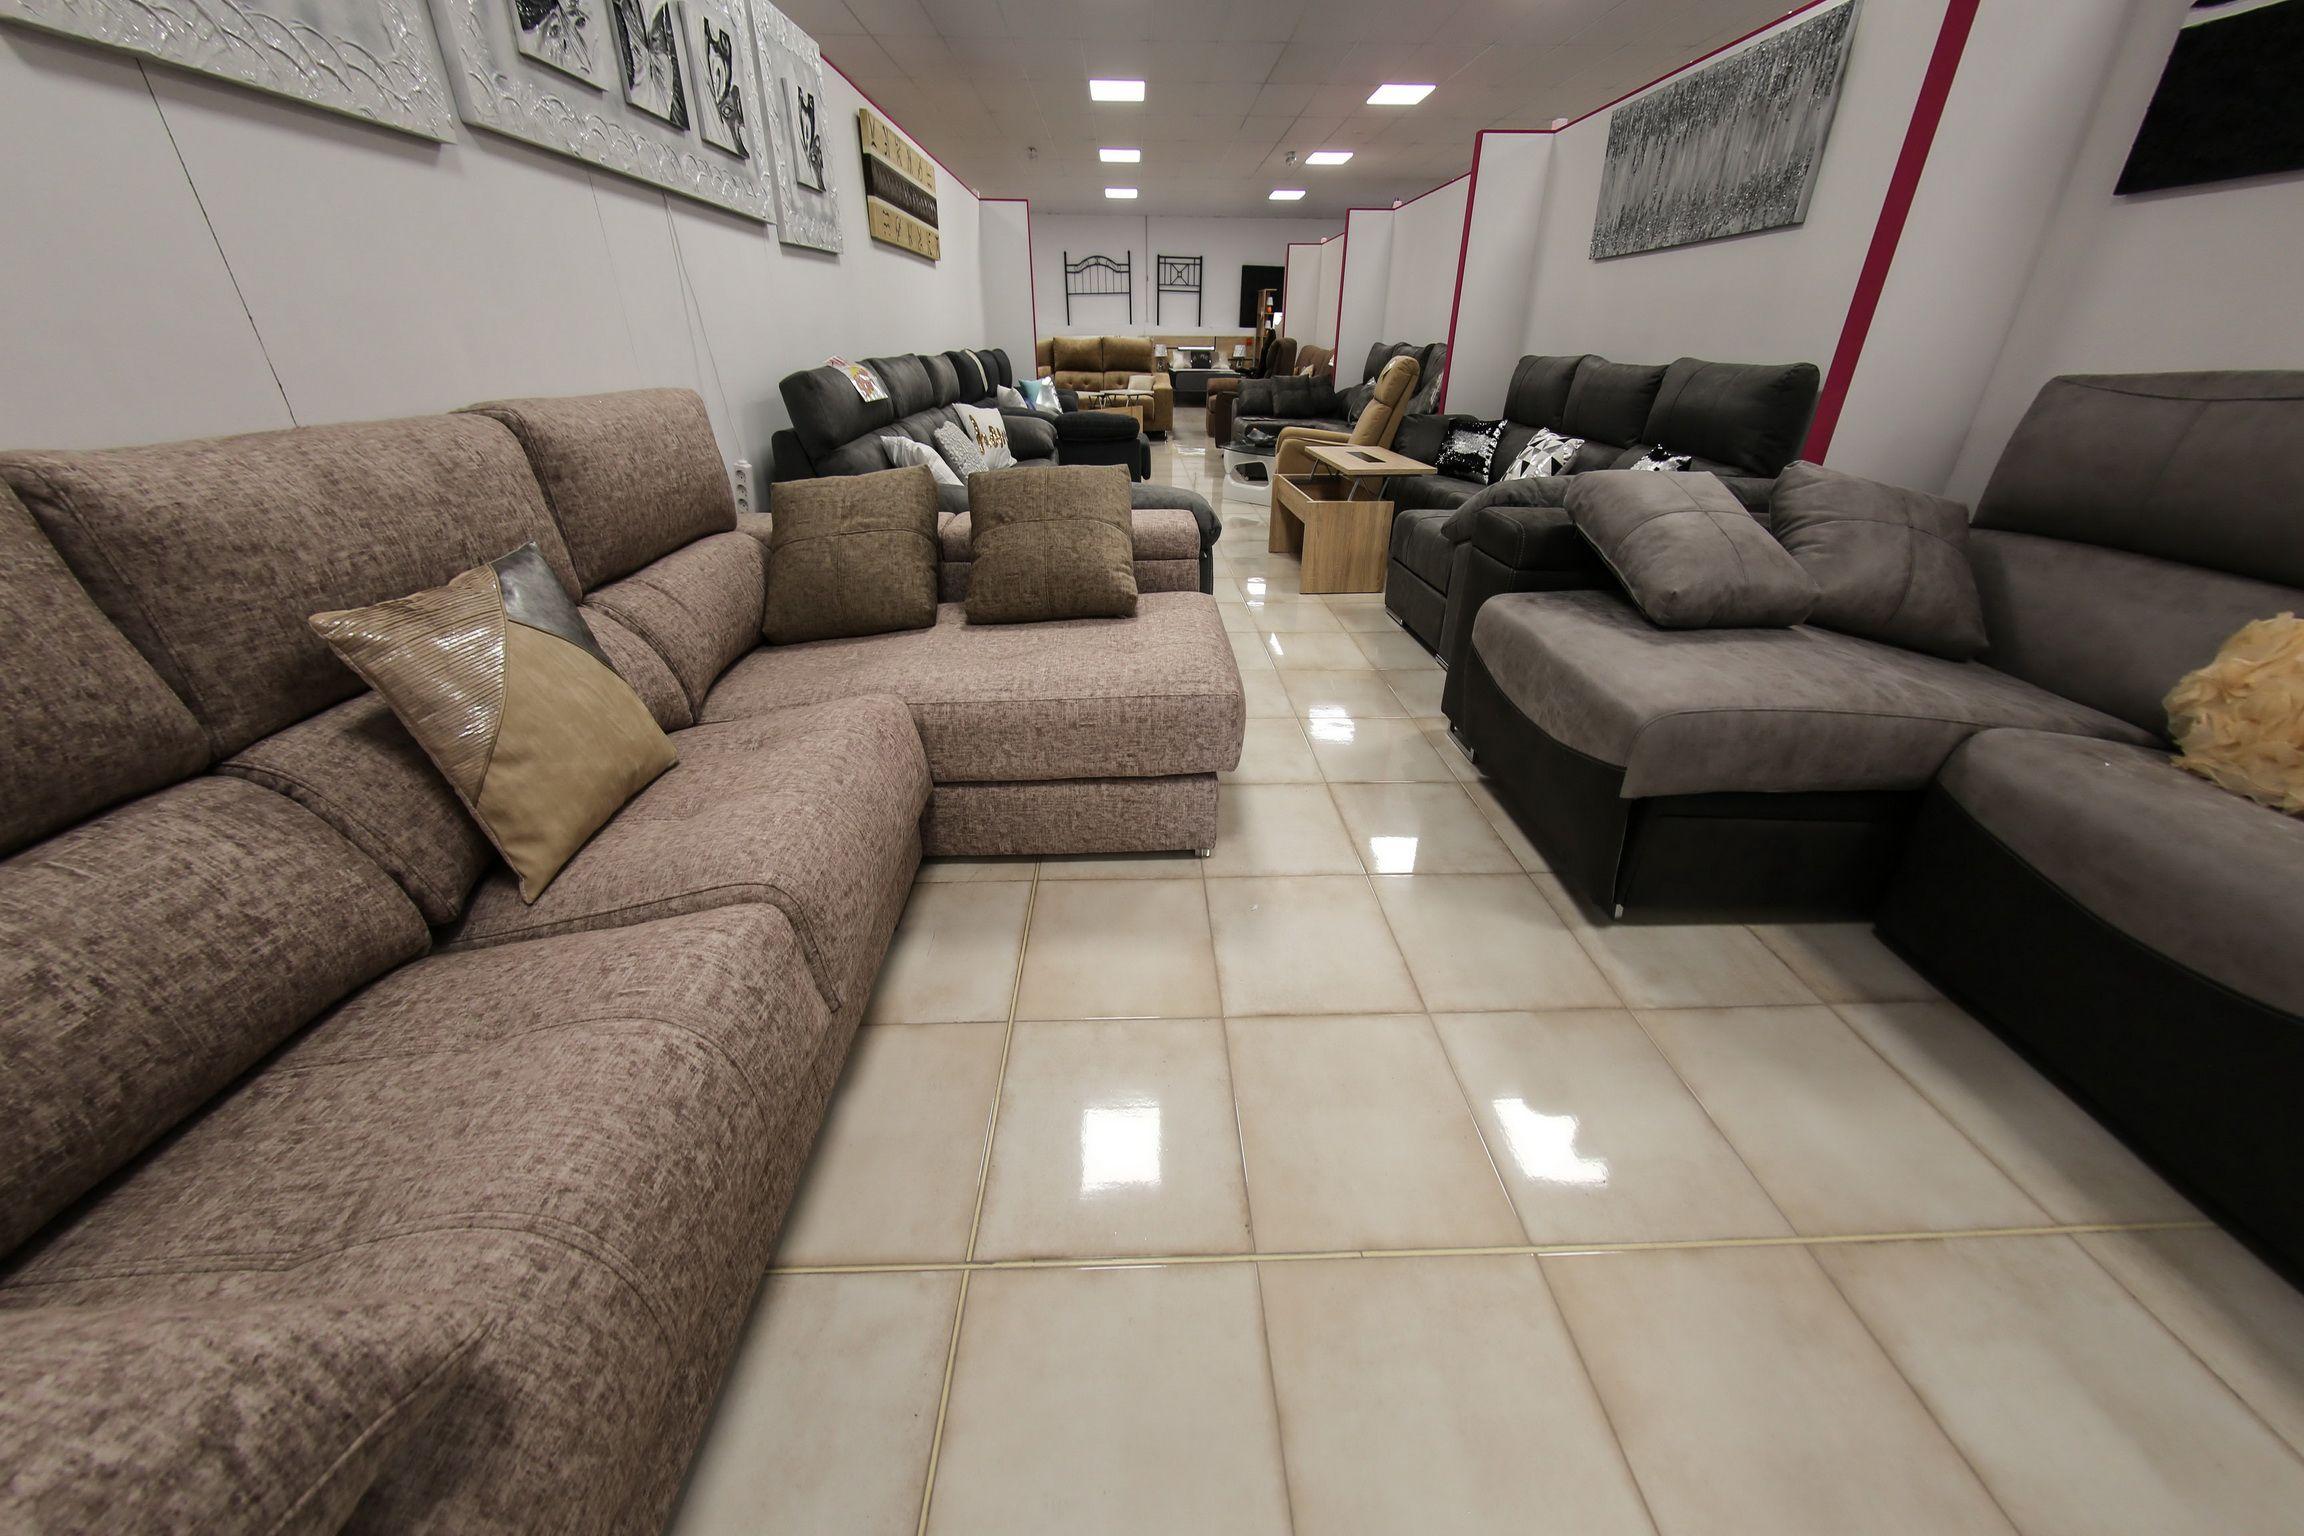 Exposición de sofás en Lleida